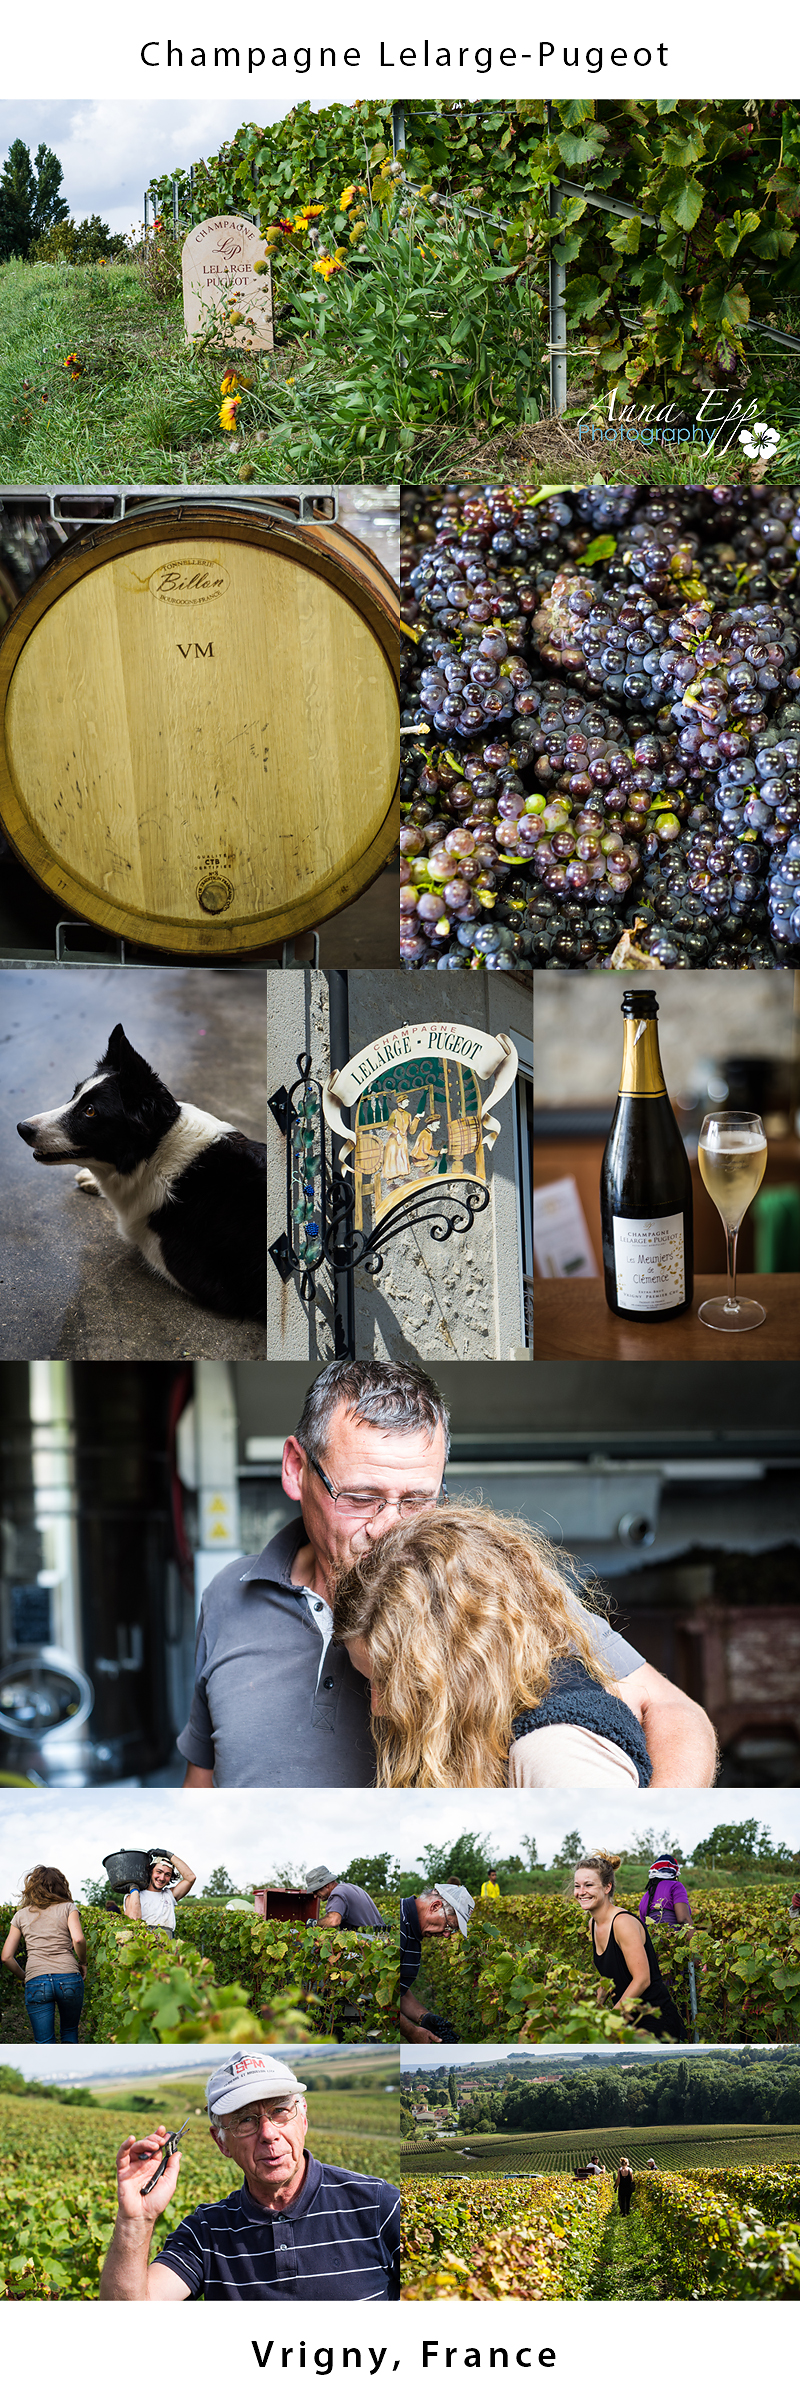 Champagne Lelarge-Pugeot Vrigny, France